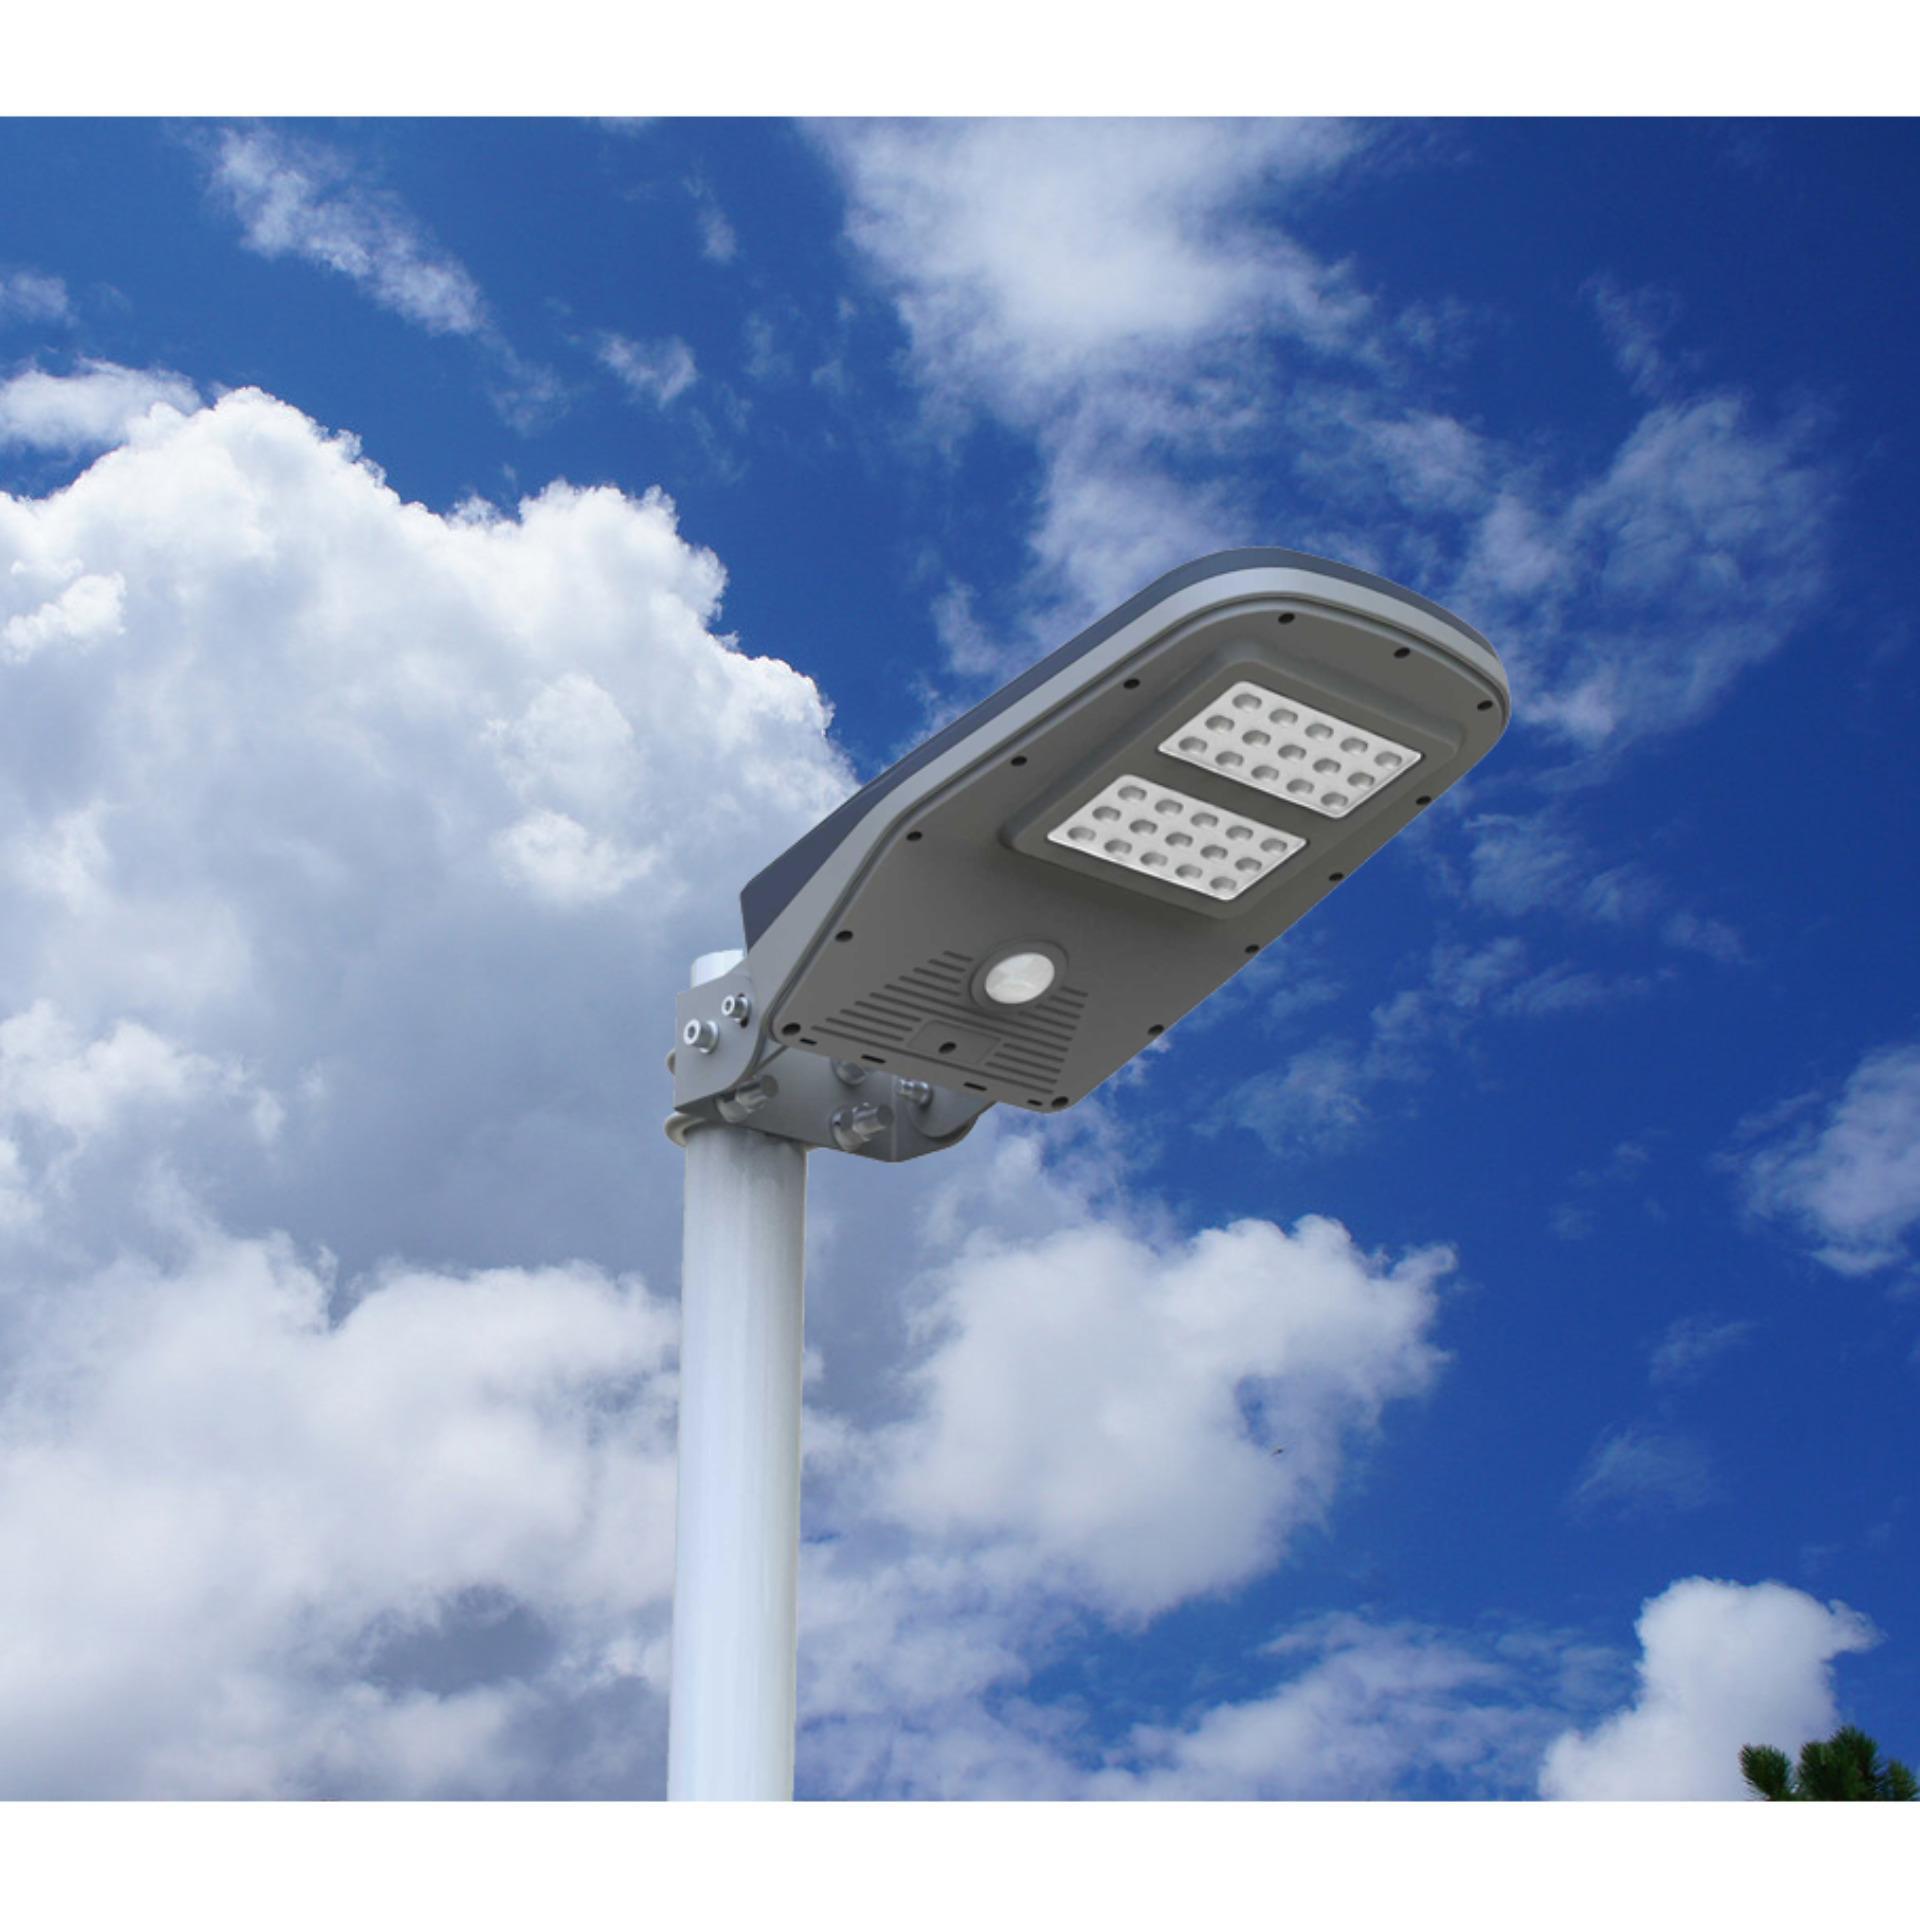 Spesifikasi Lampu Tenaga Surya Penerangan Jalan Umum Pju 1000Lm Motion Sensor Yang Bagus